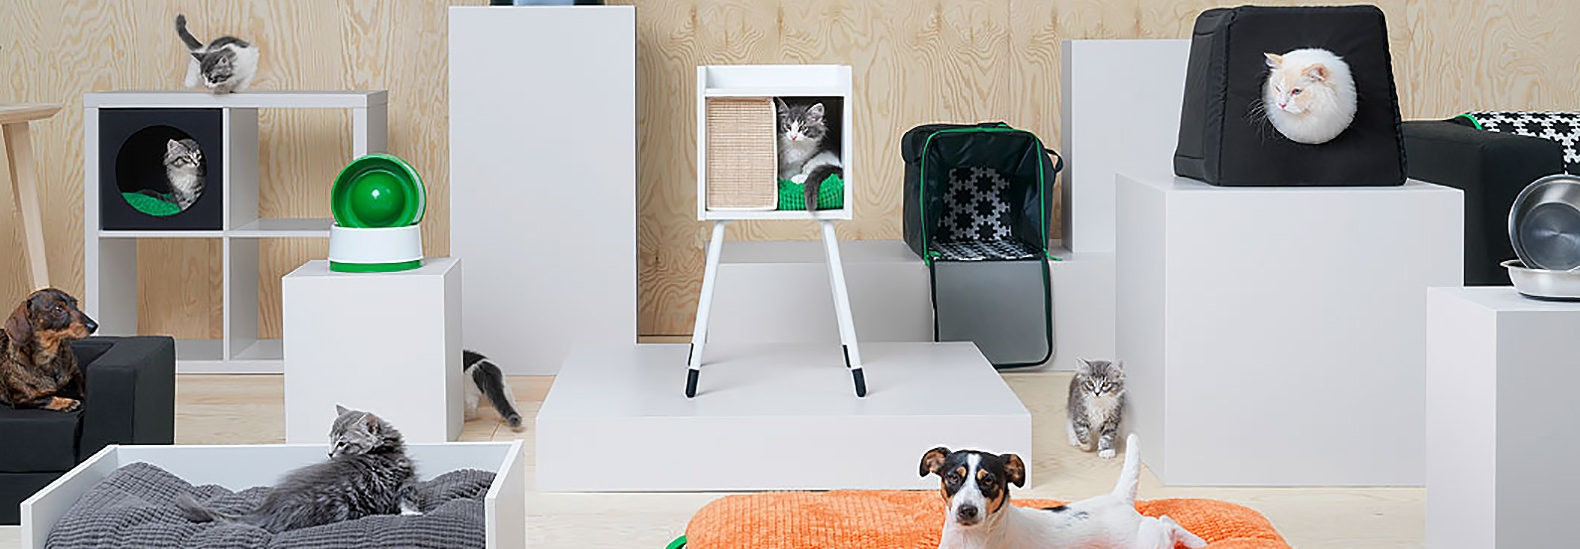 Ikea for pets